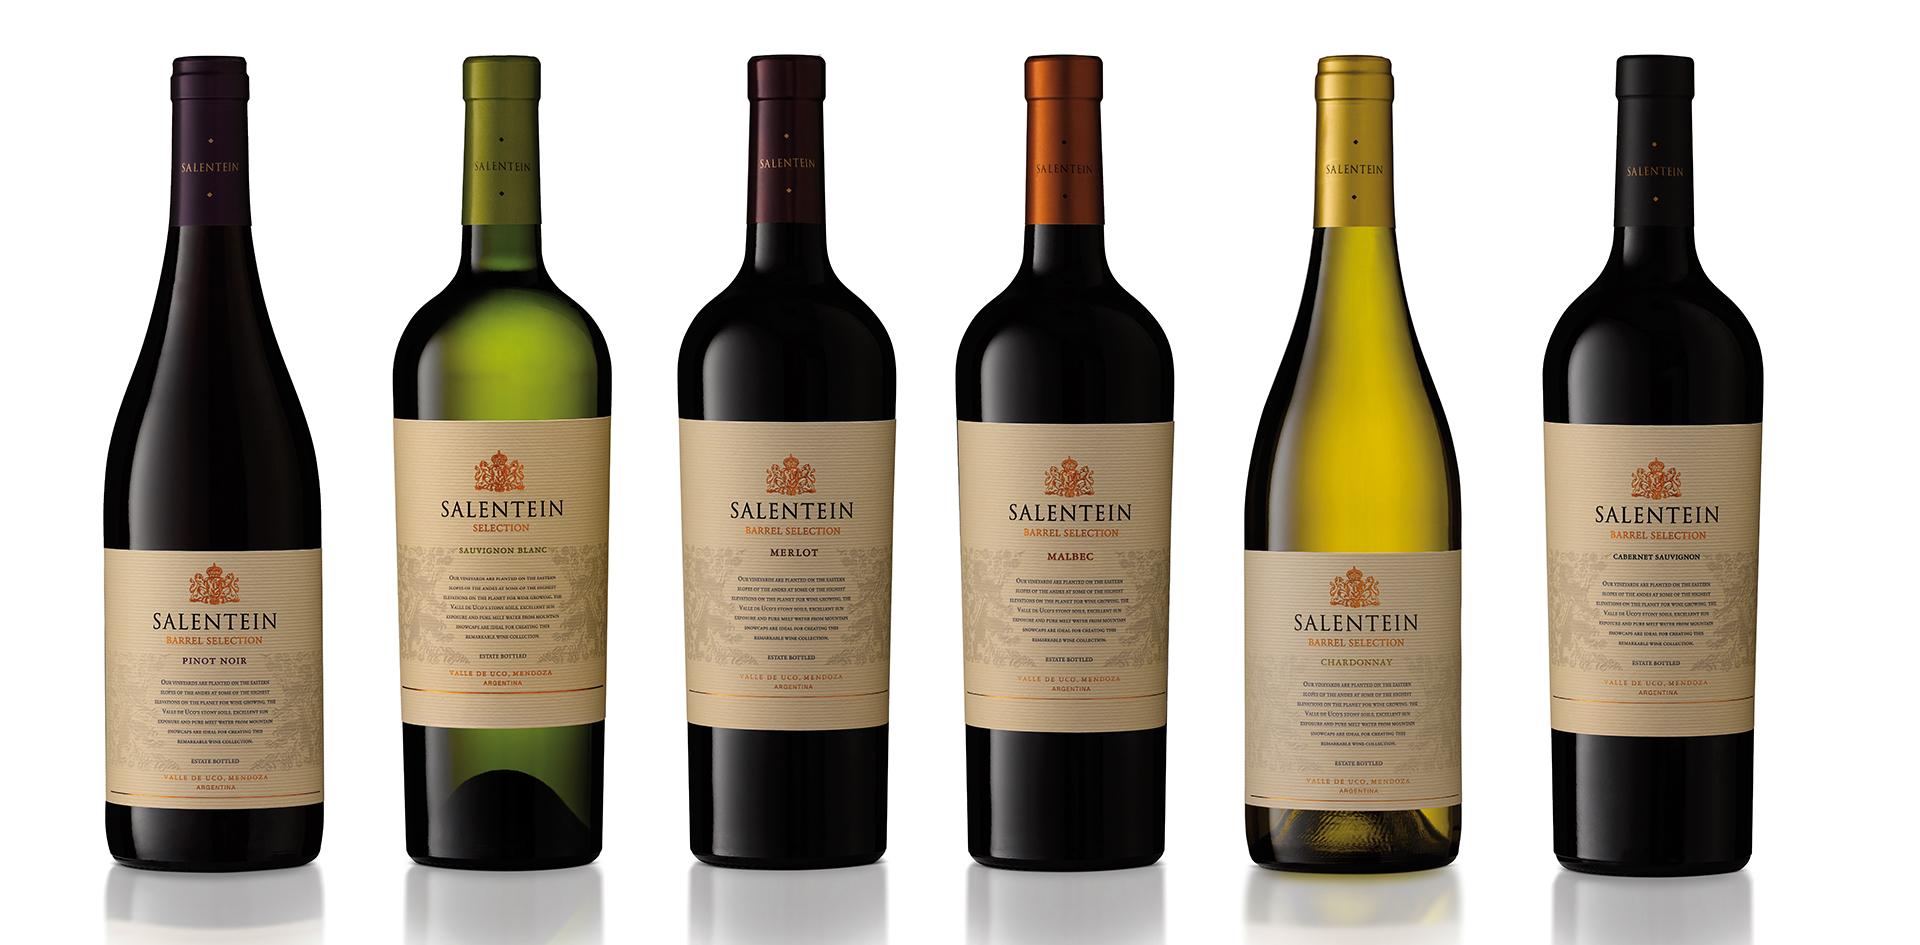 nectar-utrecht-wijnen-producent-argentinië-salentein-foto02